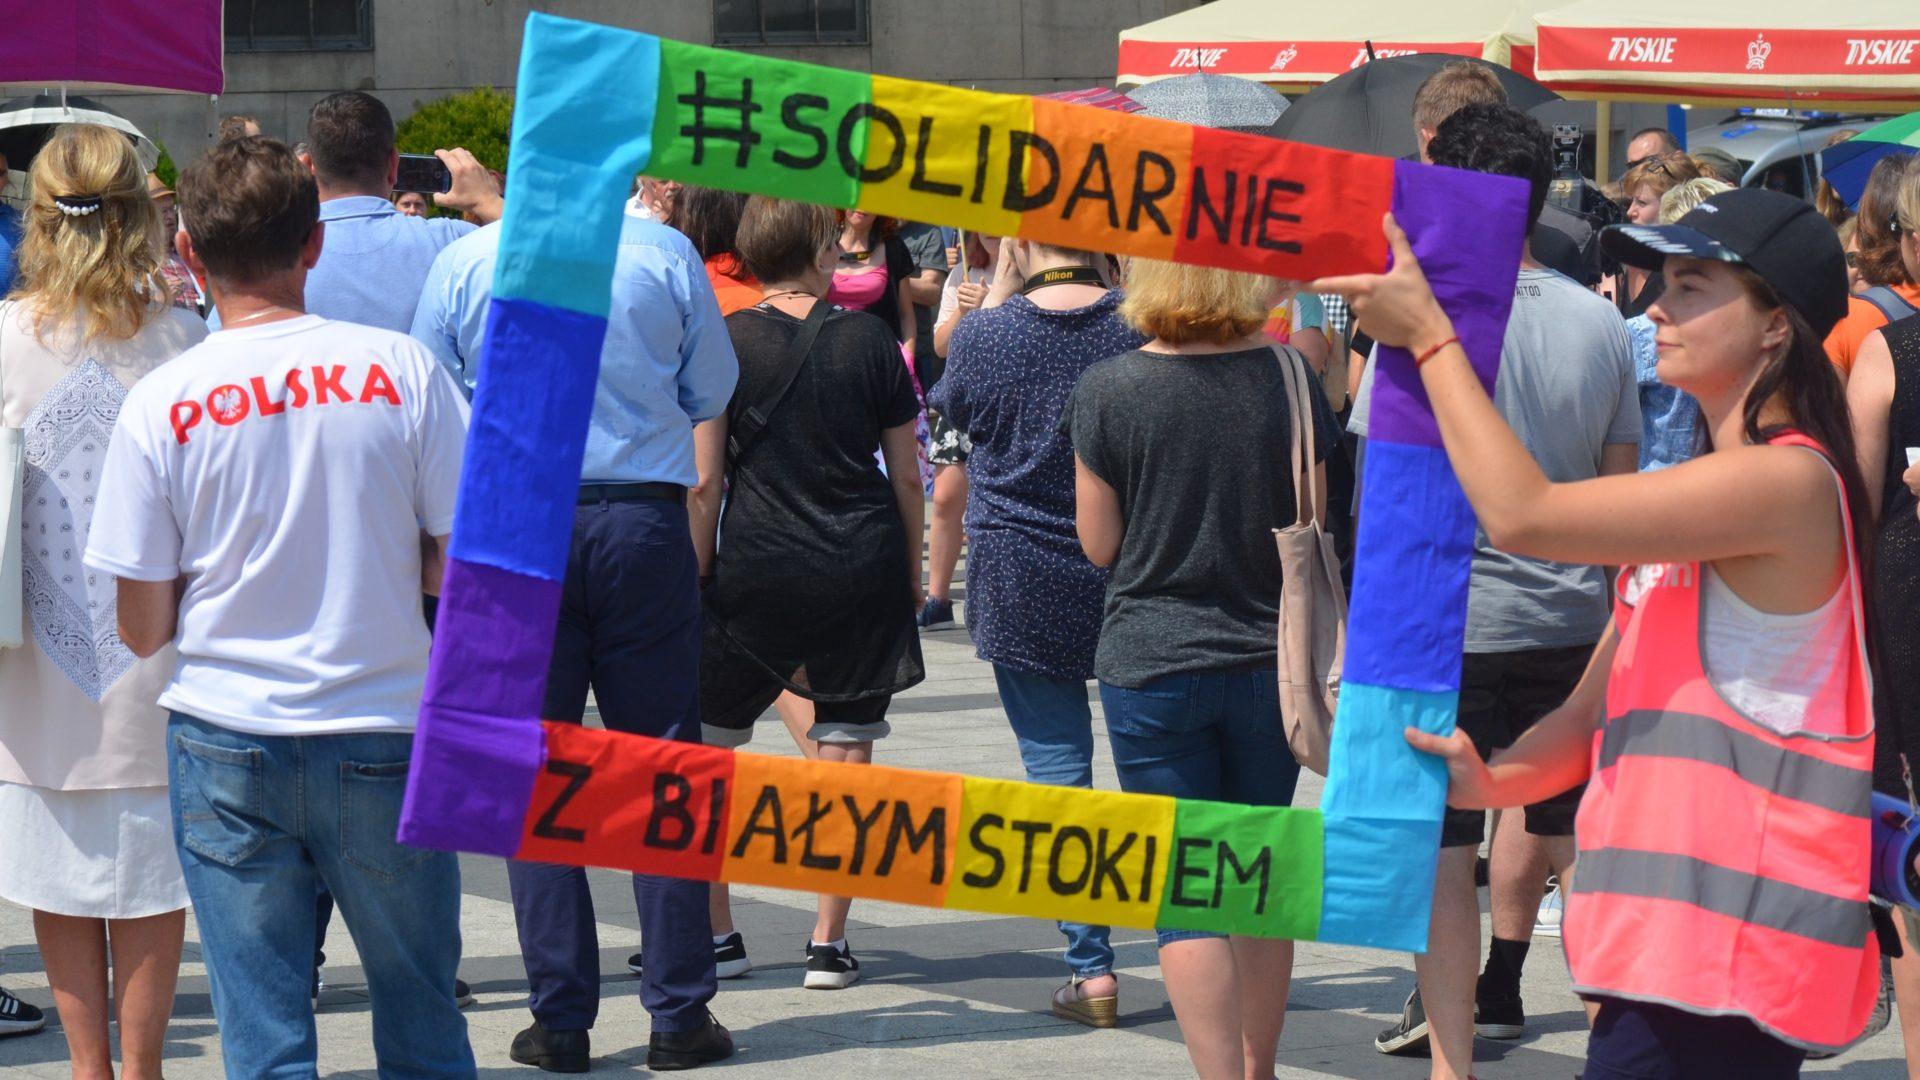 Pologne 50 pays appellent à mettre fin à la discrimination des personnes LGBT